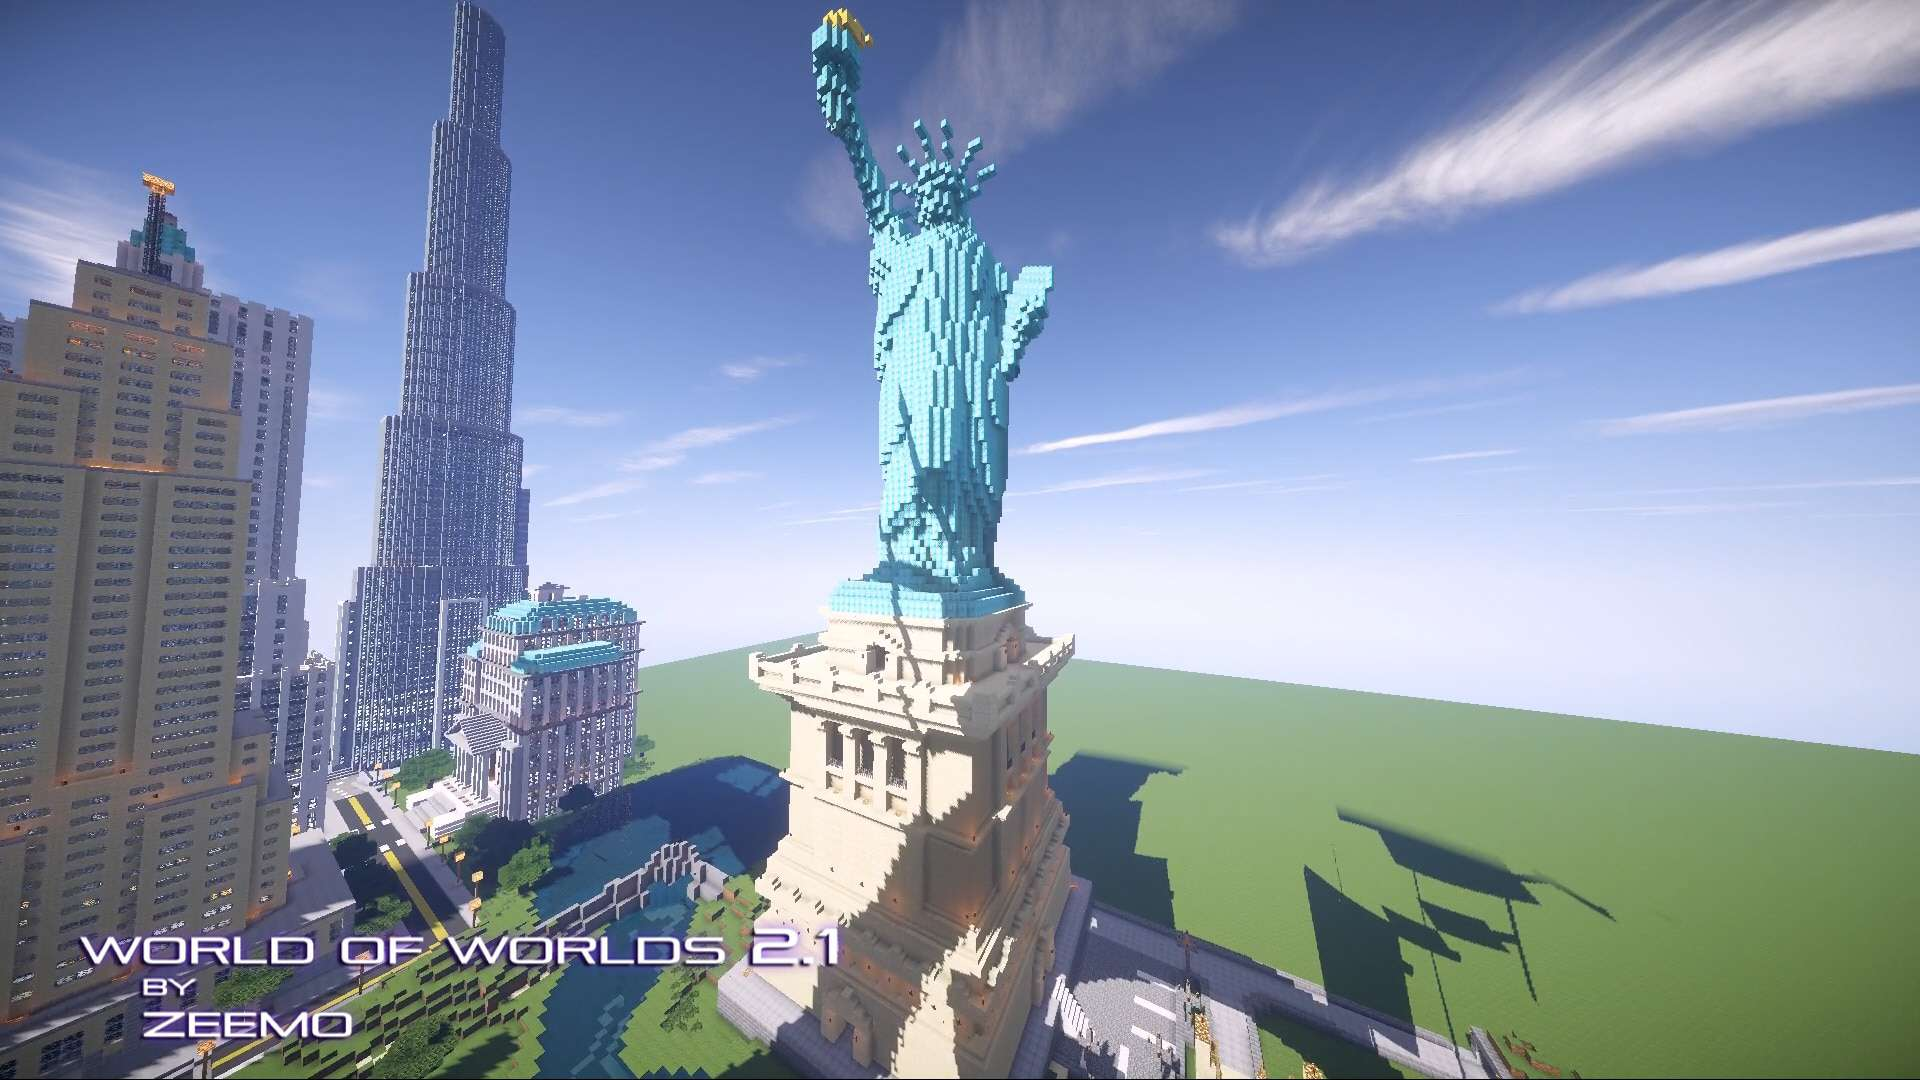 World of Worlds 2.1 update 13